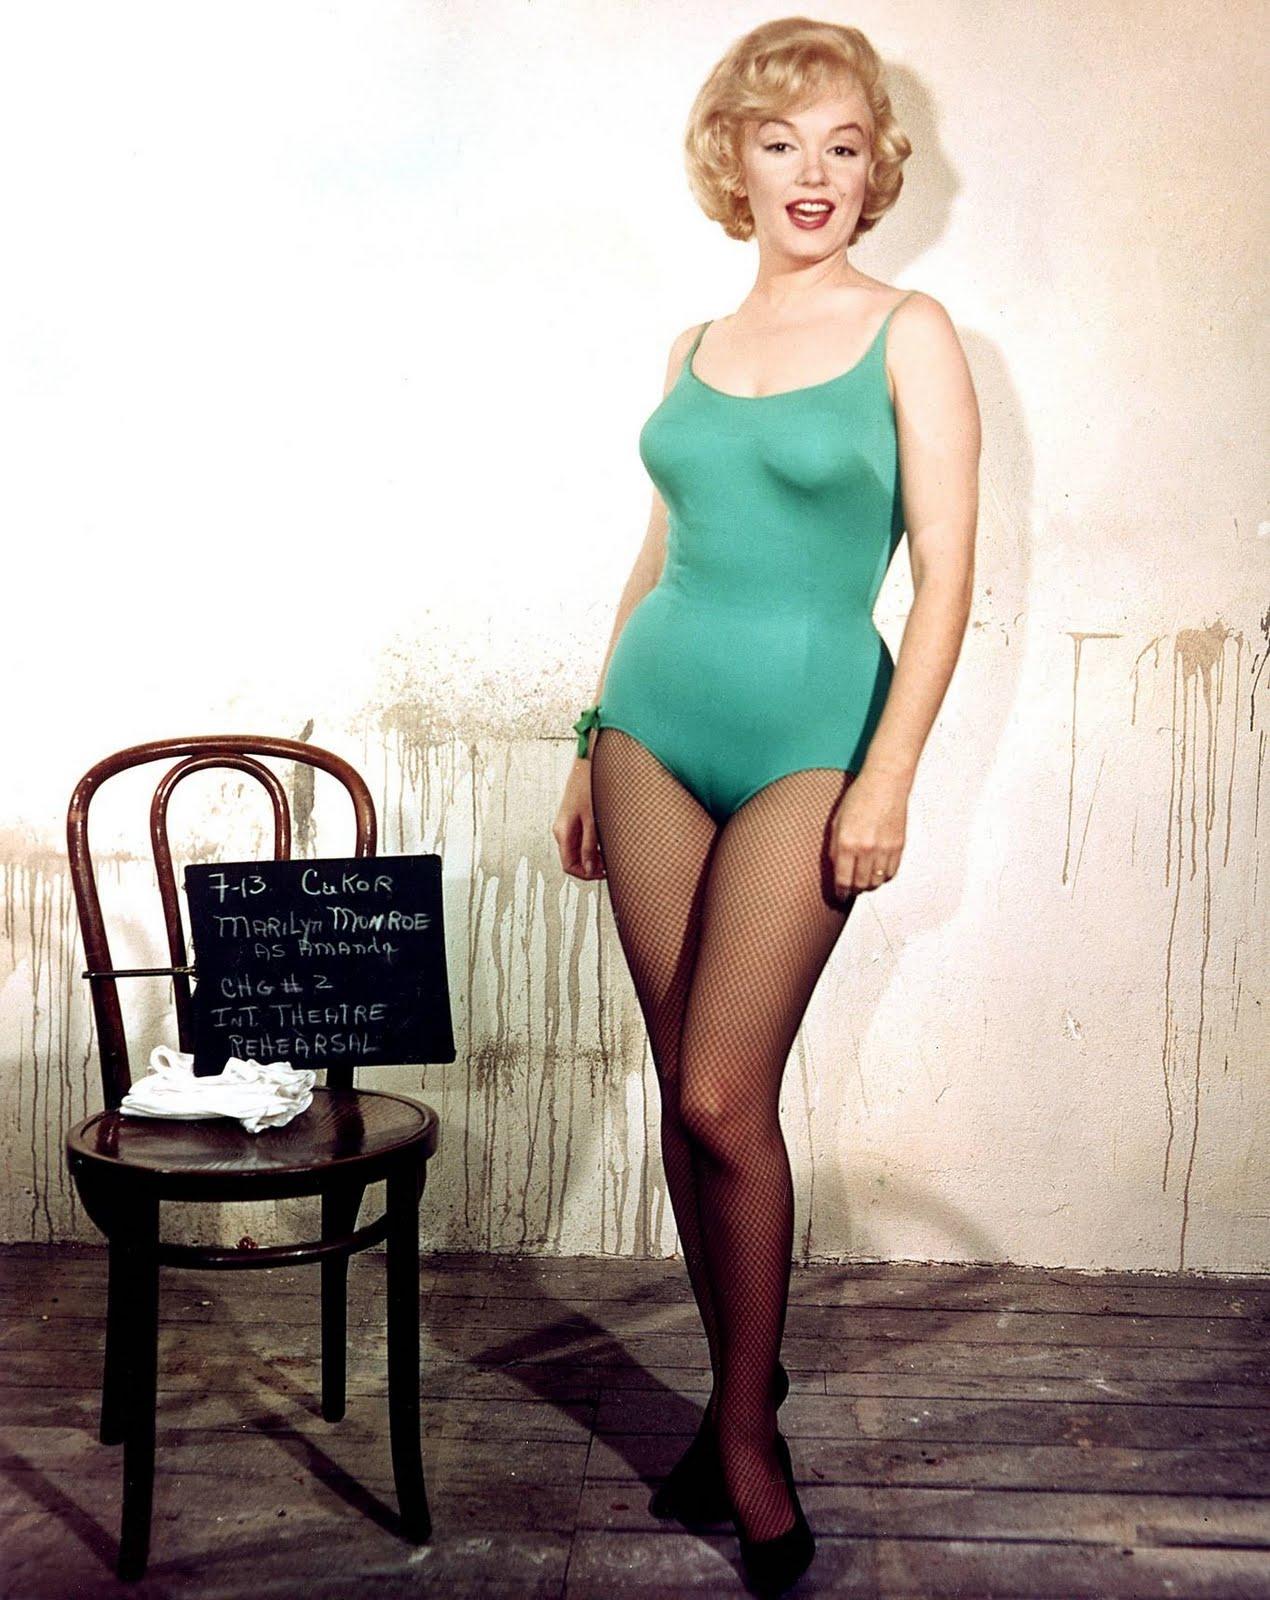 http://1.bp.blogspot.com/_1x5nKkIk-rs/S9TWy5UzZ1I/AAAAAAAAPOg/n11HiSIqmIw/s1600/marilyn-lets-make-love-wardrobe-check.jpg